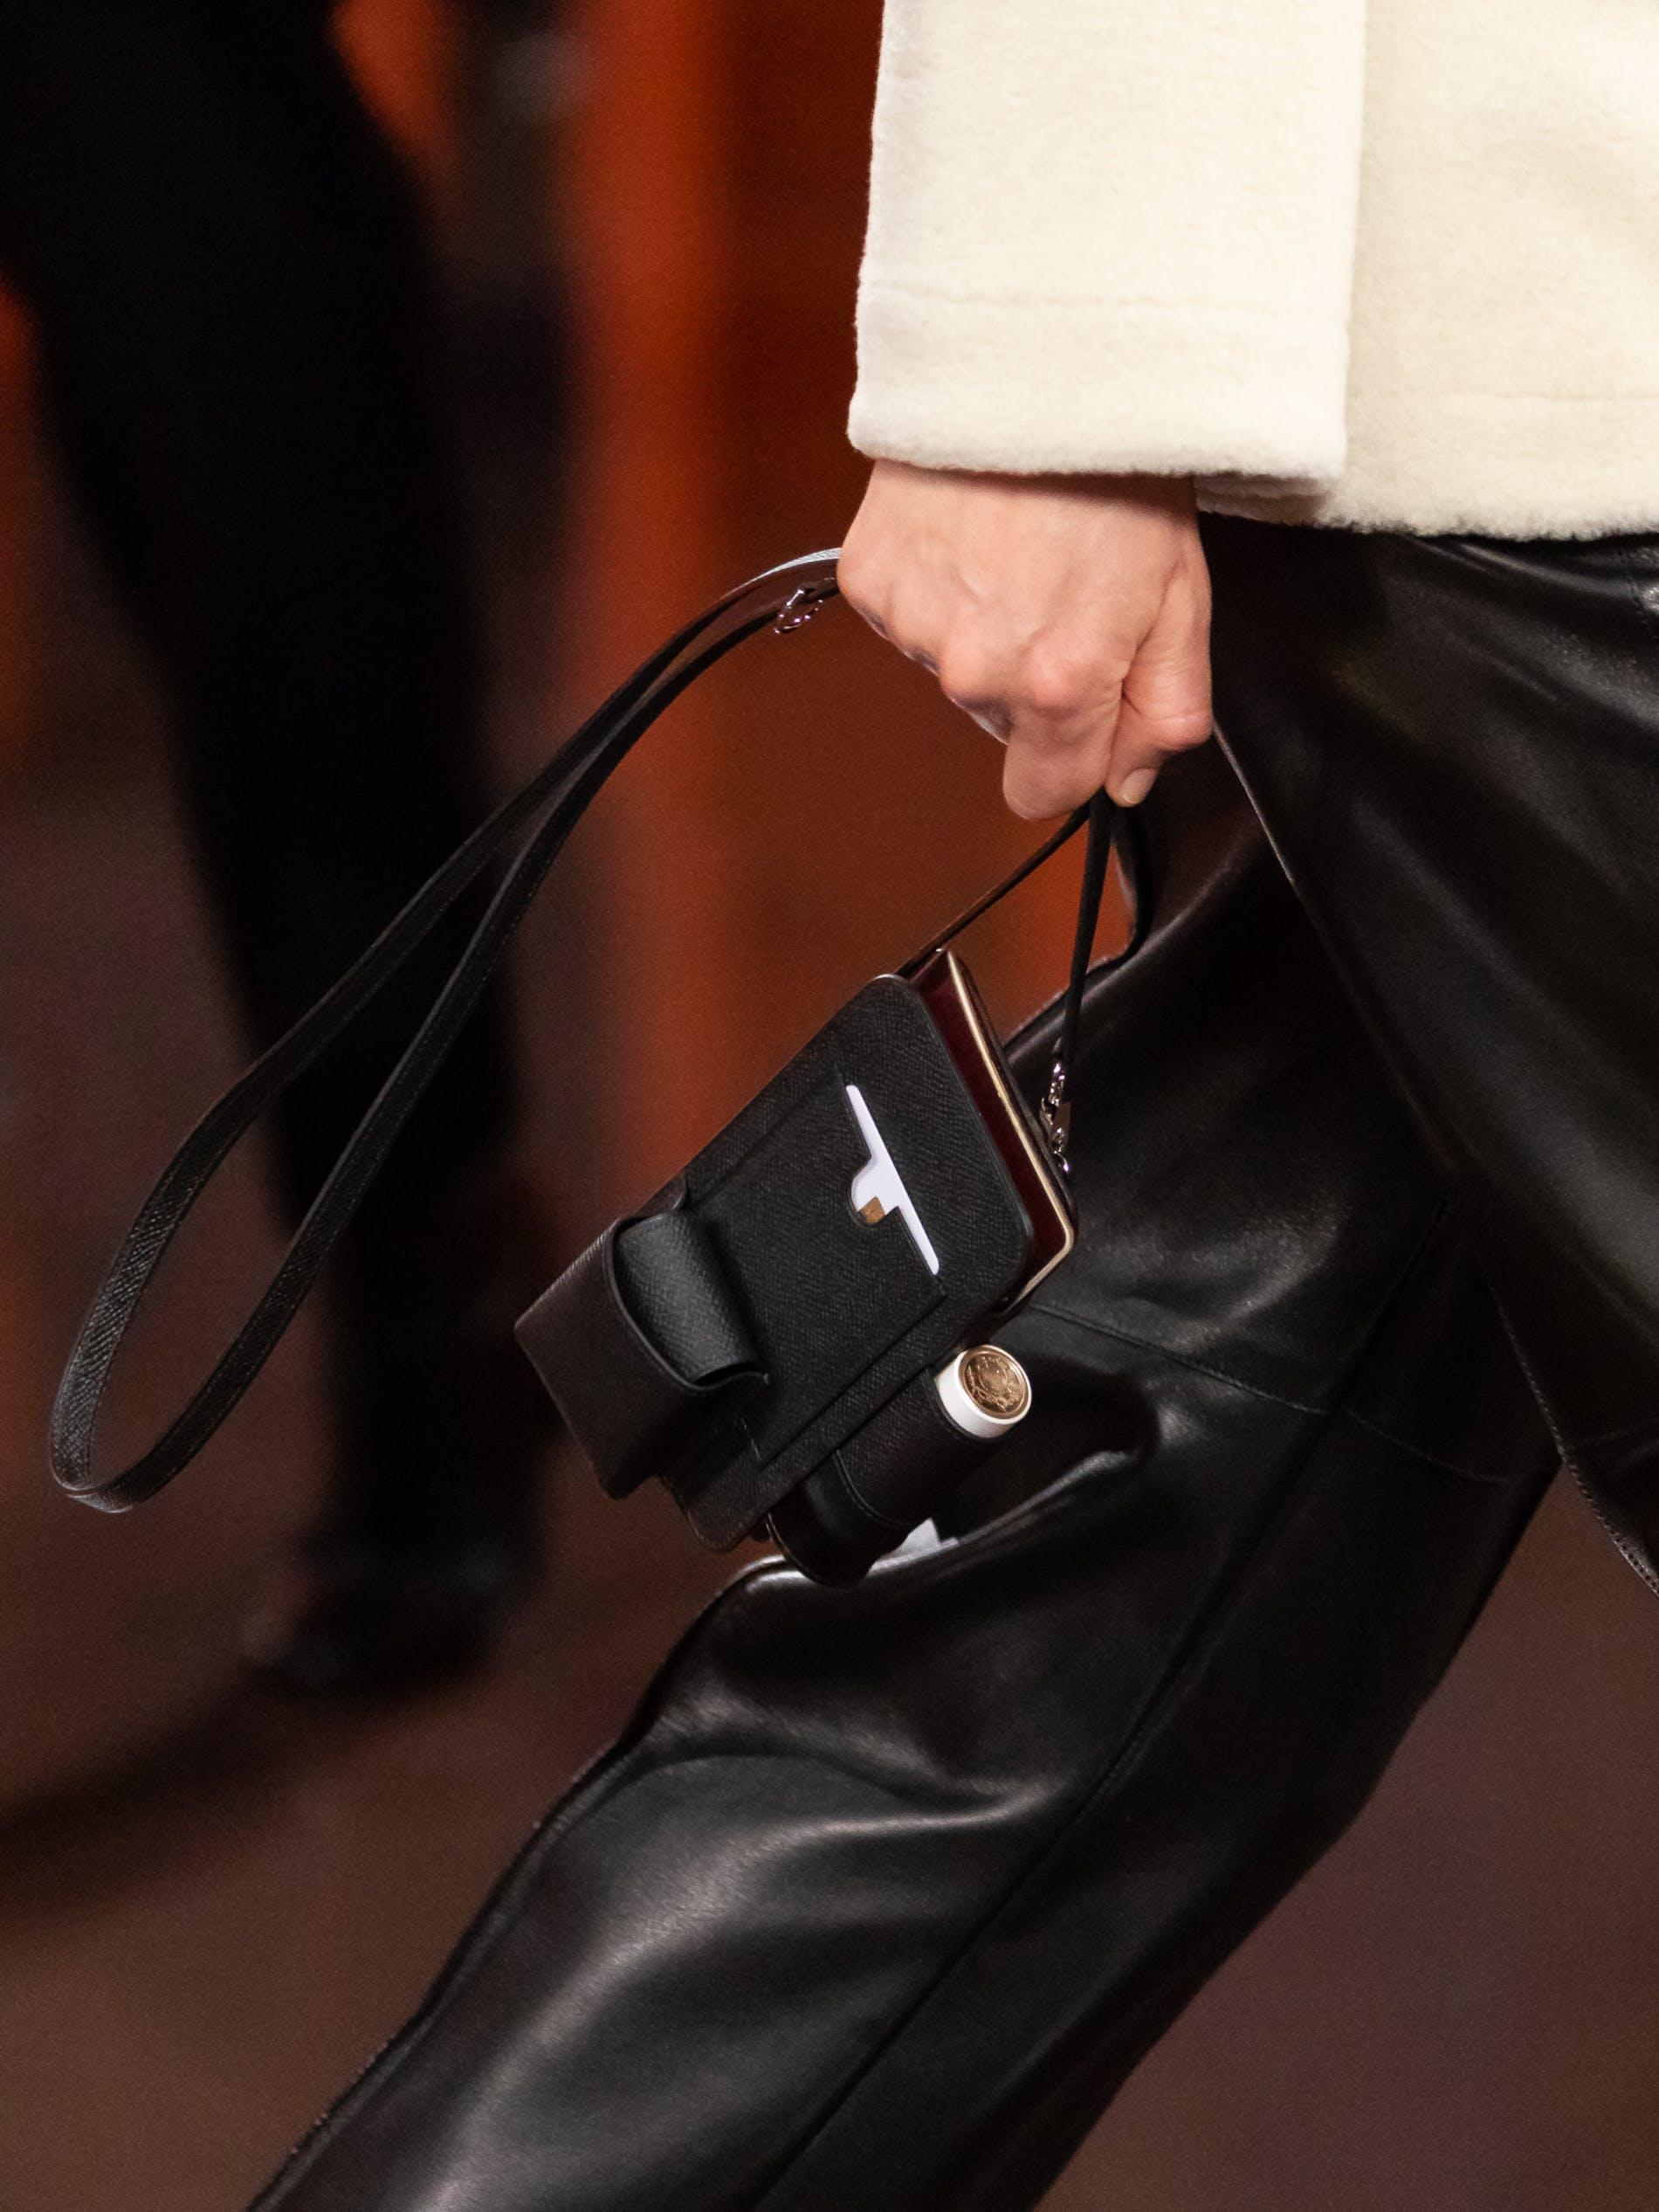 Hermès đang tạo ra xu hướng phụ kiện dành cho son môi mùa tới - 4